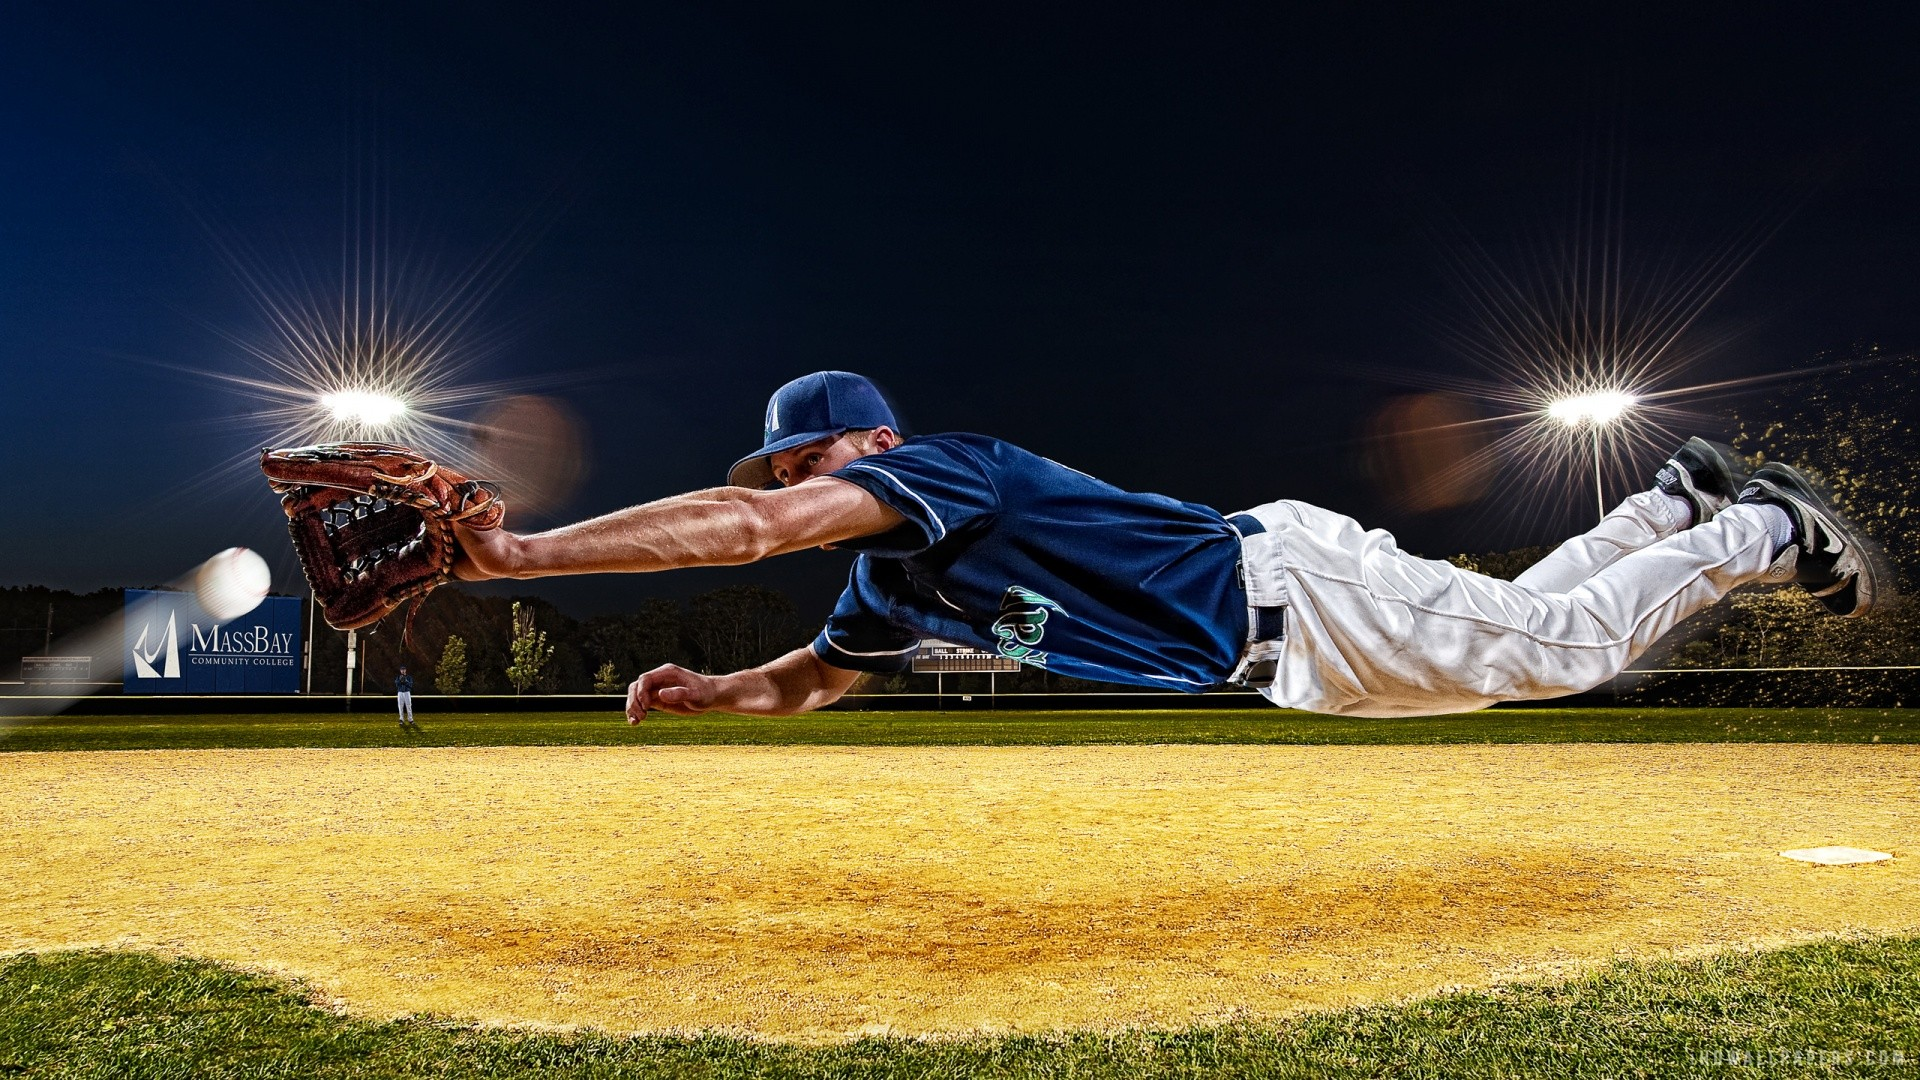 Yankees Wallpaper Iphone X Baseball Wallpaper 183 ① Download Free Beautiful Full Hd